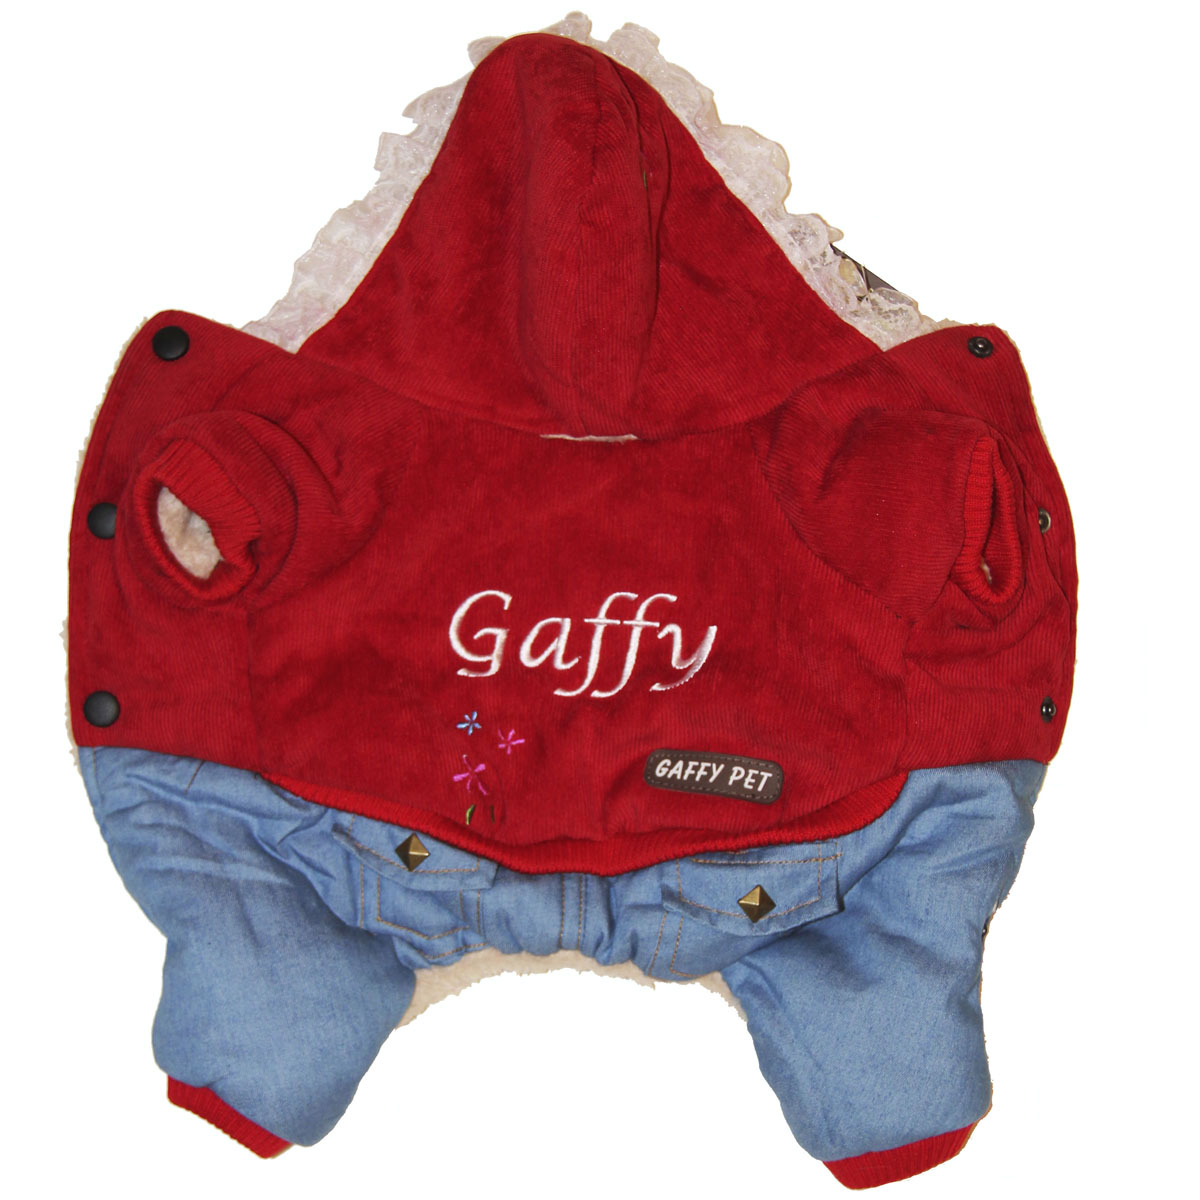 Комбинезон для собак Gaffy Pet Flower, зимний, для девочки, цвет: красный, голубой. Размер XS11007 XSКомбинезон для собак Gaffy Pet Flower отлично подойдет на зиму. Ваш питомец будет самым стильным и тепло одетым на прогулке. Все детали продуманы до мелочей. Капюшон отделан нежным кружевом. На стыке капюшона и спинки есть отверстие для поводка. Комбинезон внутри отделан теплым мехом для защиты от холода. Живот почти полностью закрыт, кроме необходимых для прогулок отверстий. На животе комбинезон фиксируется с помощью кнопок, а в нижней части живота есть 2 ряда кнопок для того, чтобы комбинезон точно сел по фигуре.Дополнительно комбинезон снабжен резинками на рукавах и штанинах для лучшей защиты от снега и холода. Интересная вышивка и оригинальные кнопки добавят собачке индивидуальности.Данные модели комбинезонов с закрытым животом были запатентованы как полезная модель. Патент # 2014125392.Обхват шеи: 20 см.Обхват груди: 35 см.Длина спины: 22 см.Одежда для собак: нужна ли она и как её выбрать. Статья OZON Гид